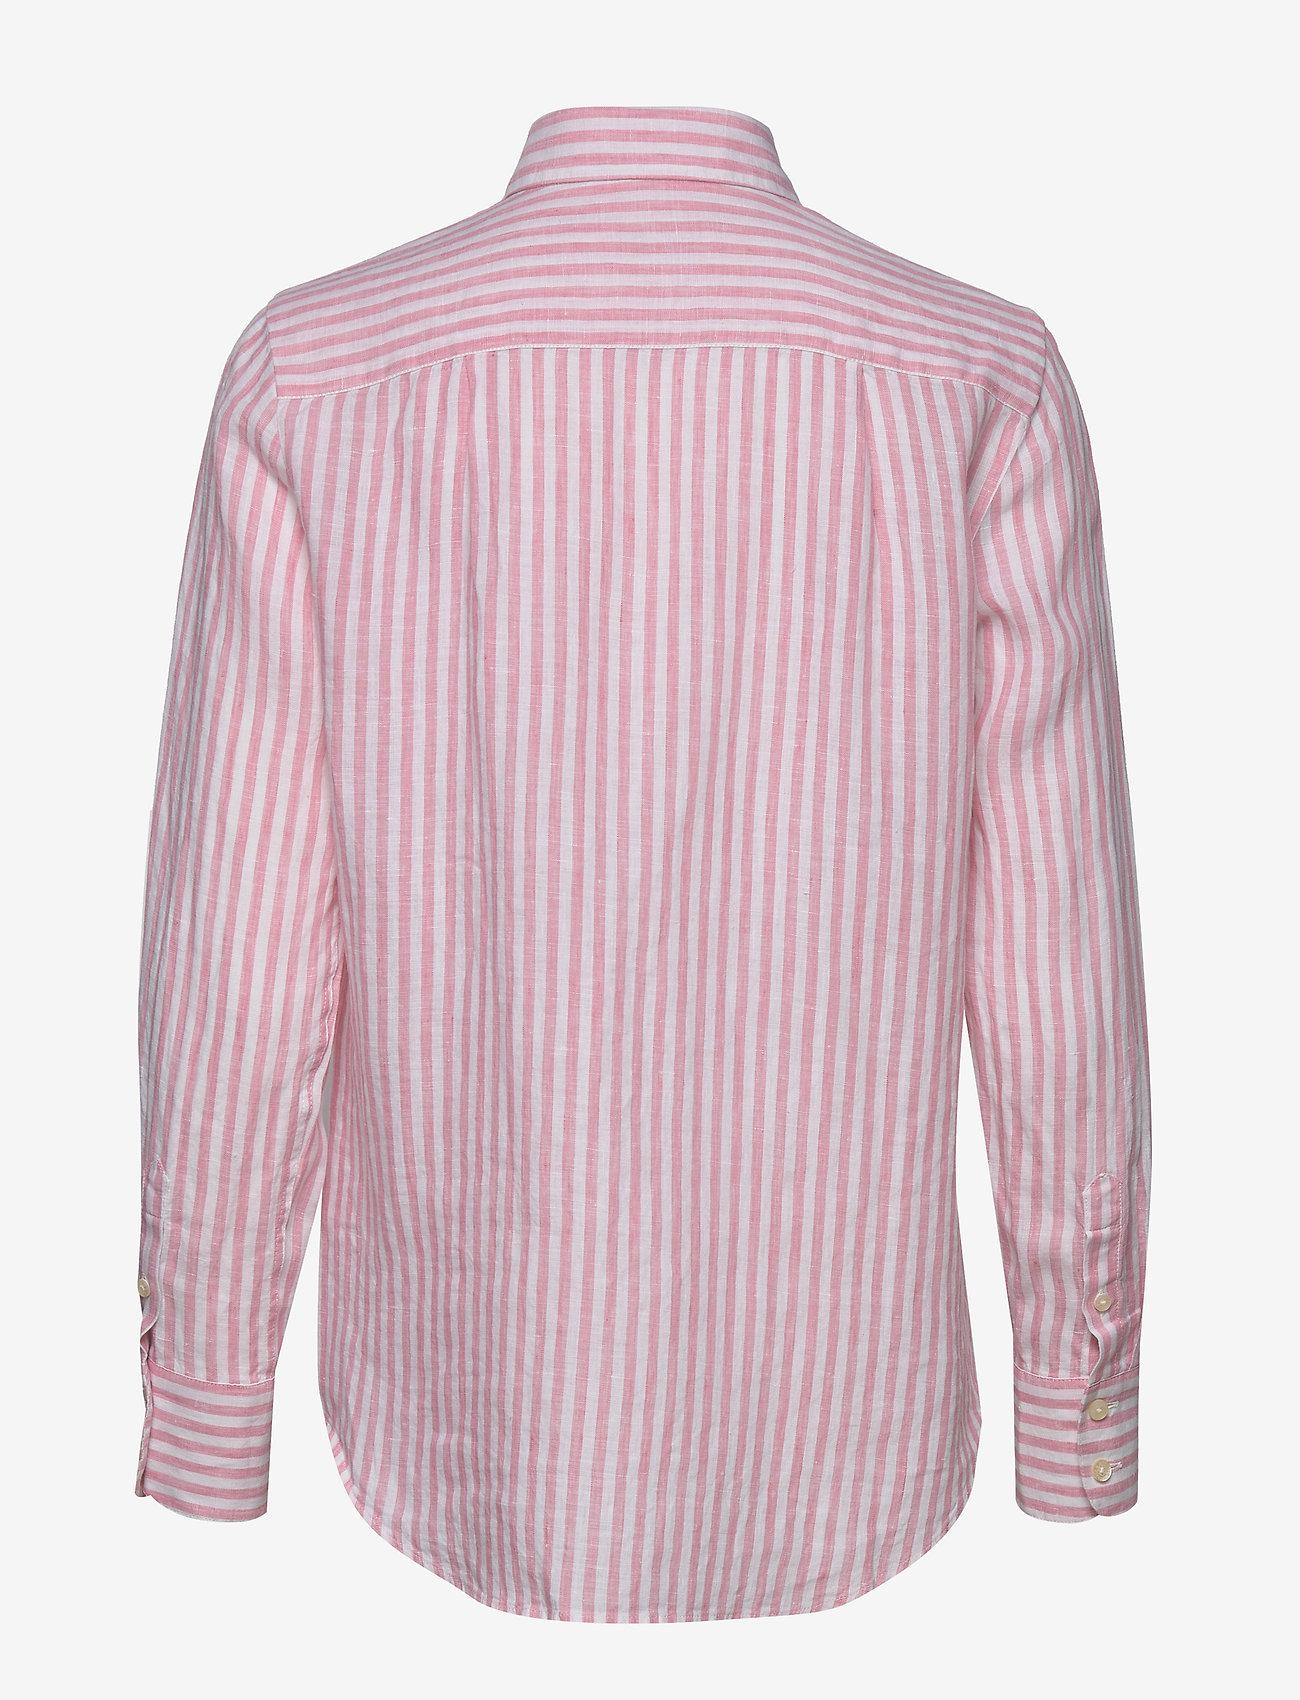 Kirsten Linen Stripe Shirt (Pink) - Morris Lady snFu62